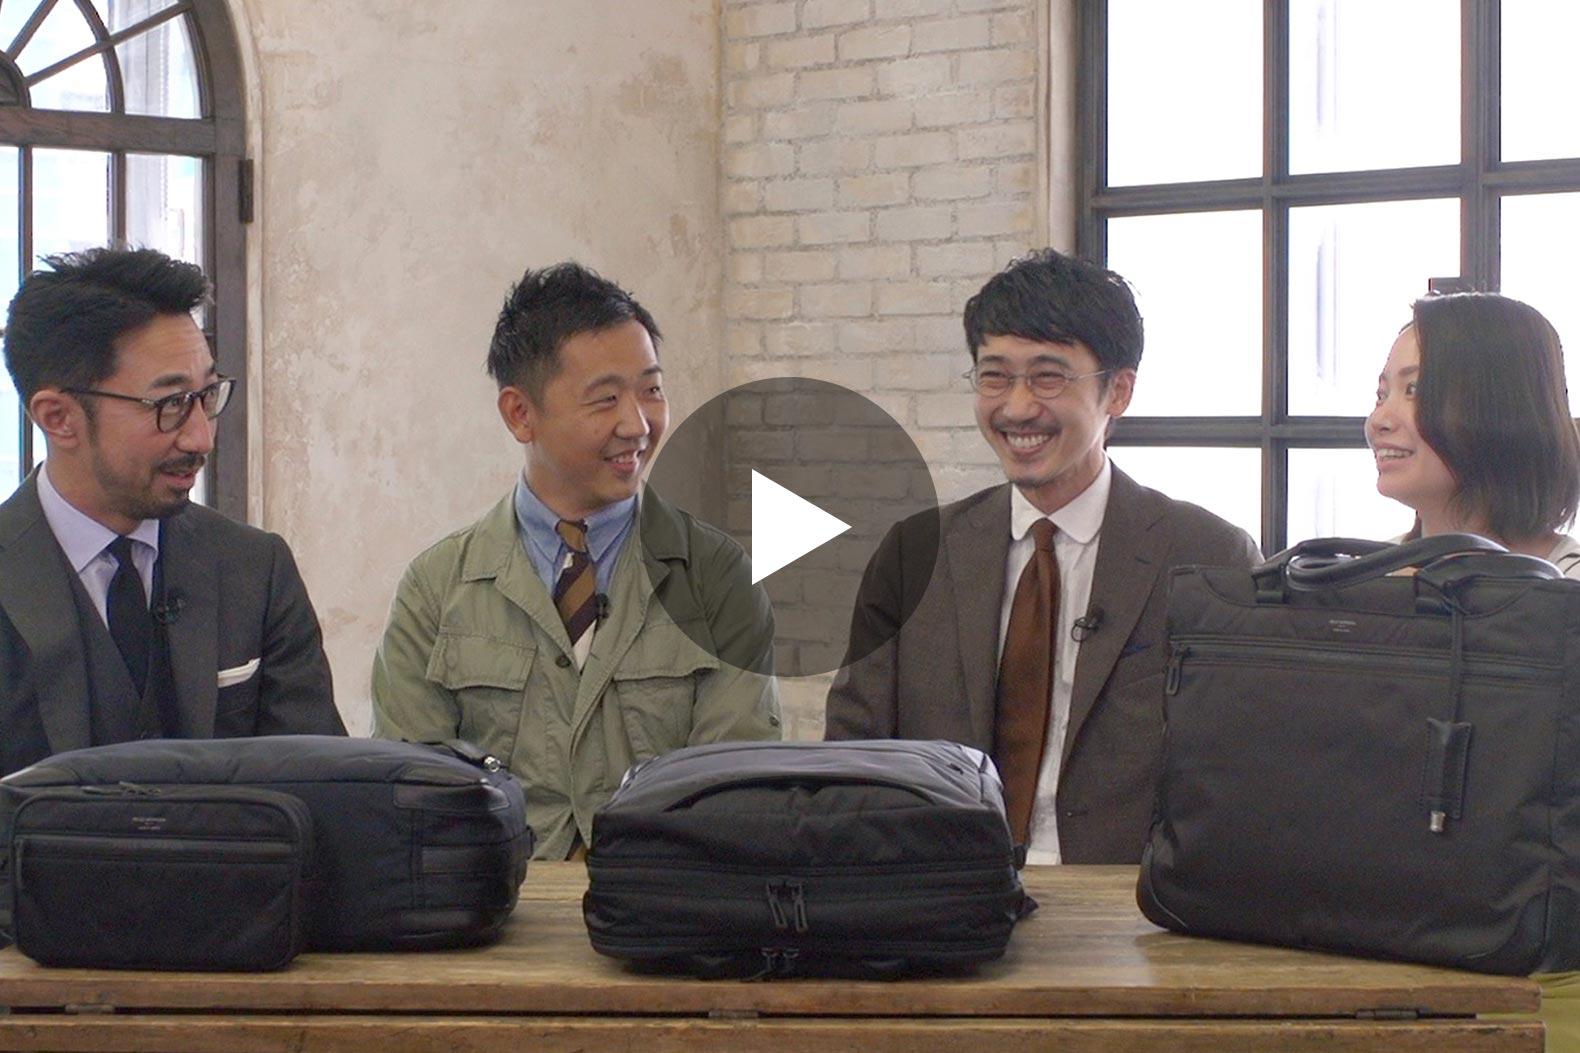 人気ブランドのバッグを視聴者プレゼント! スポーツMIXスタイルに使える大人のバッグ